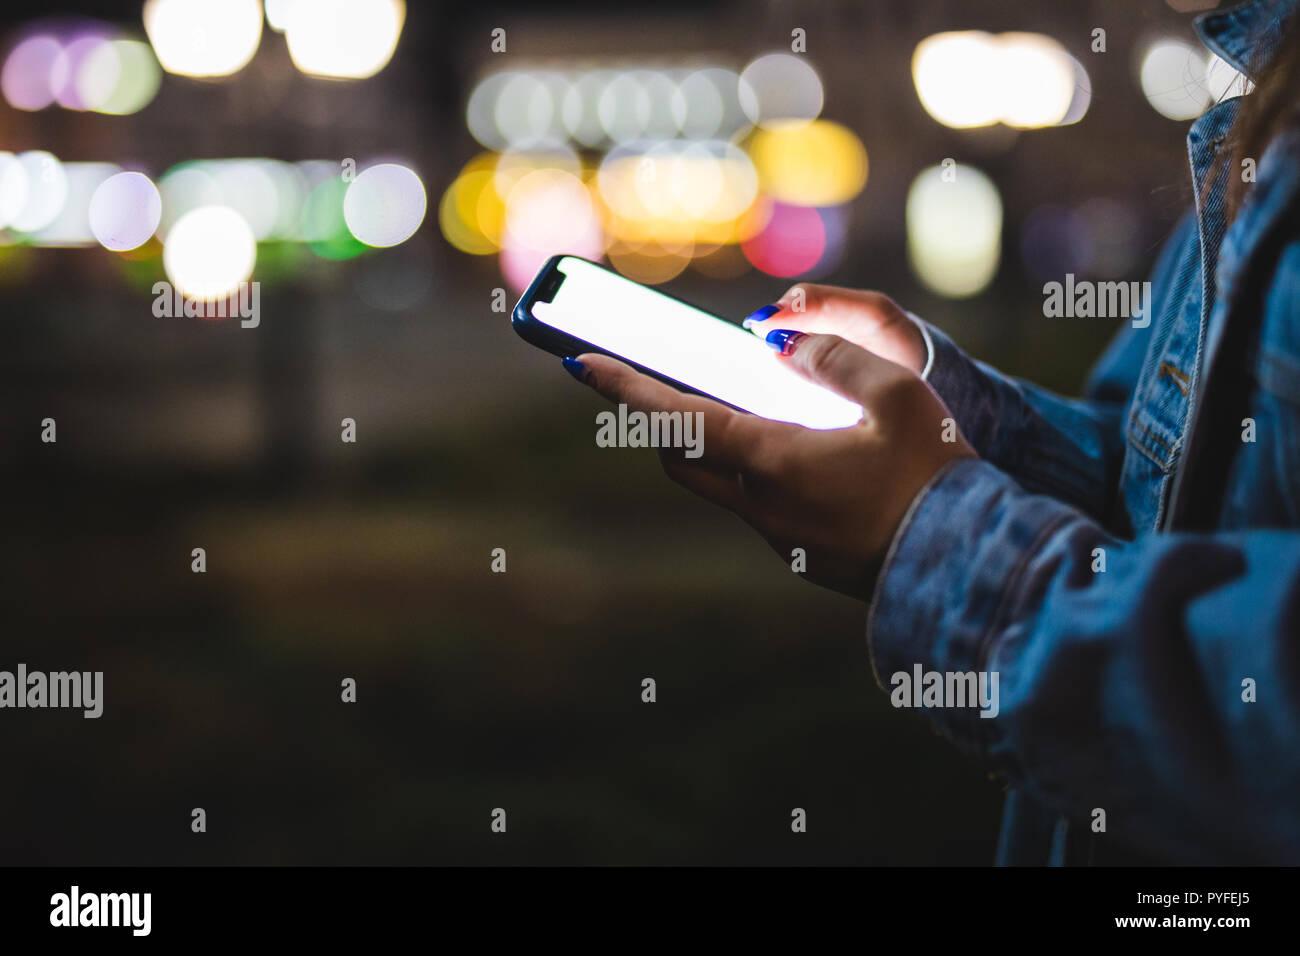 Femme doigt sur l'écran vierge du smartphone sur le flou d'arrière-plan de la lumière dans l'atmosphère de nuit, ville à l'aide dans les mains propres hipster gadget mobile phone Banque D'Images